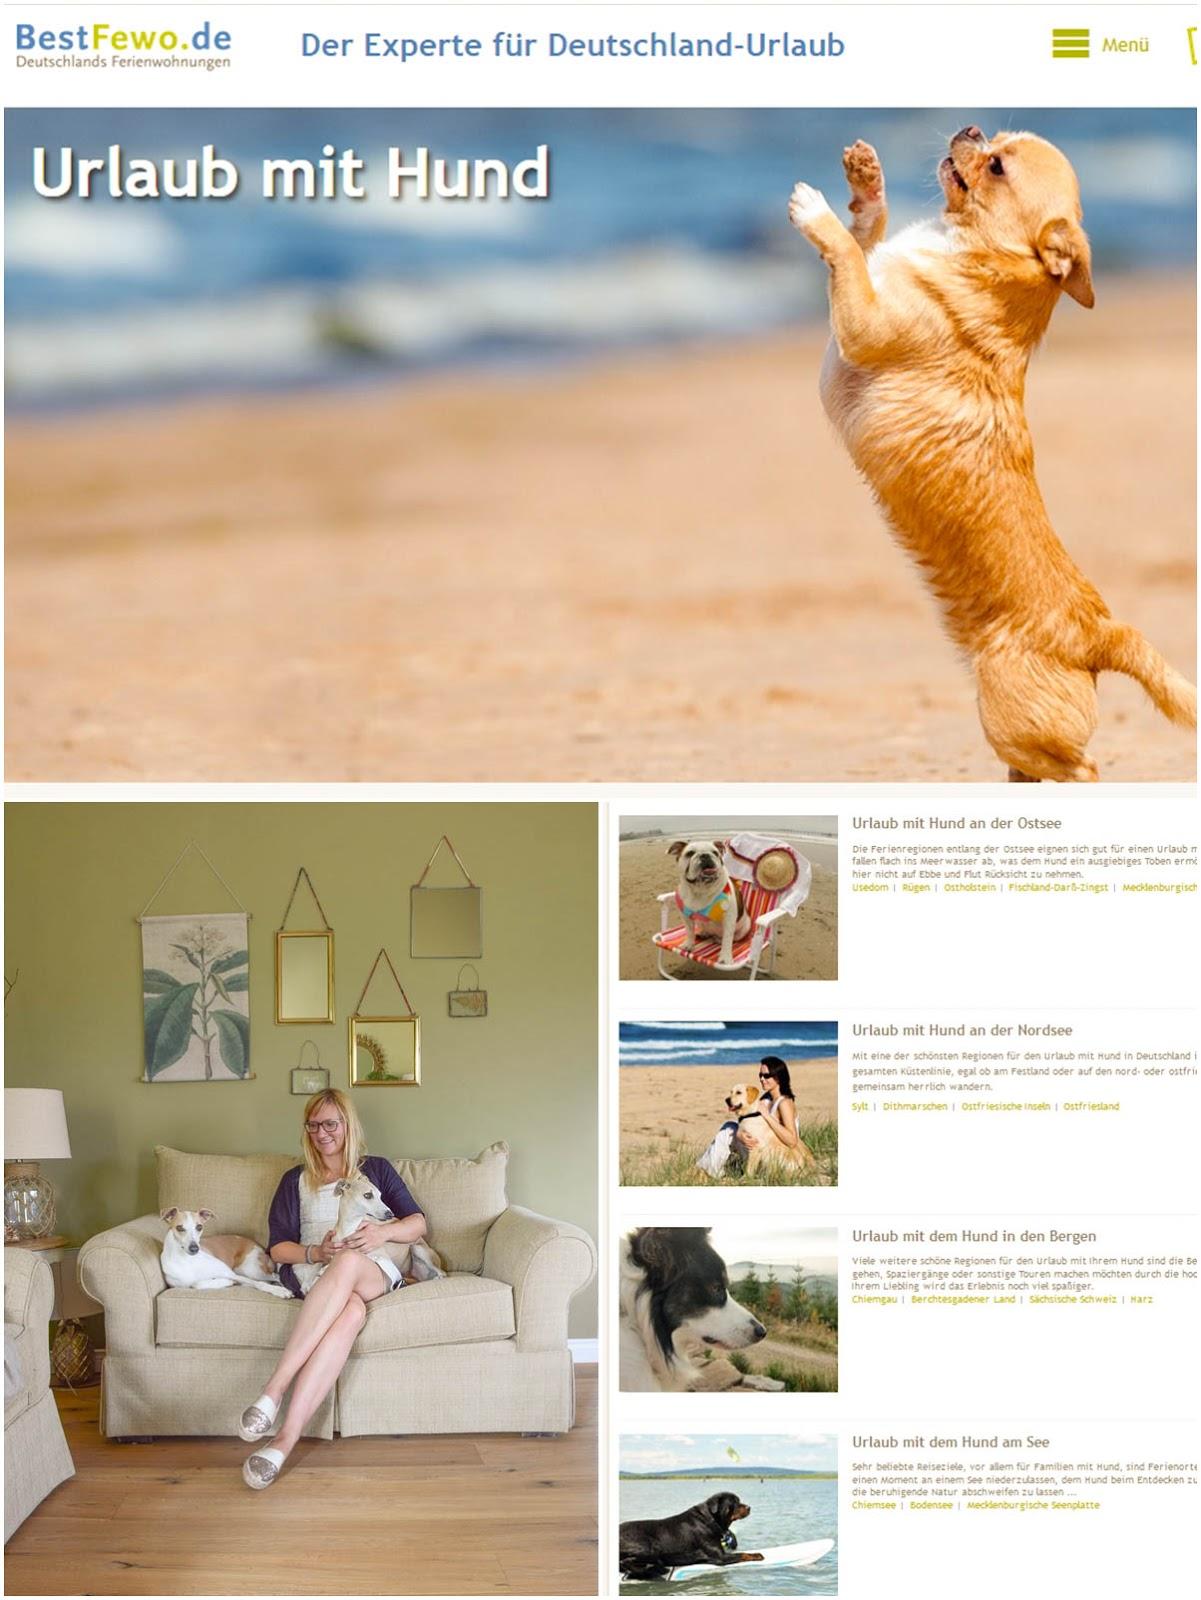 Reisen mit Hund in Ferienwohnung mit BestFewo: Last Minute Sommerurlaub mit Hund